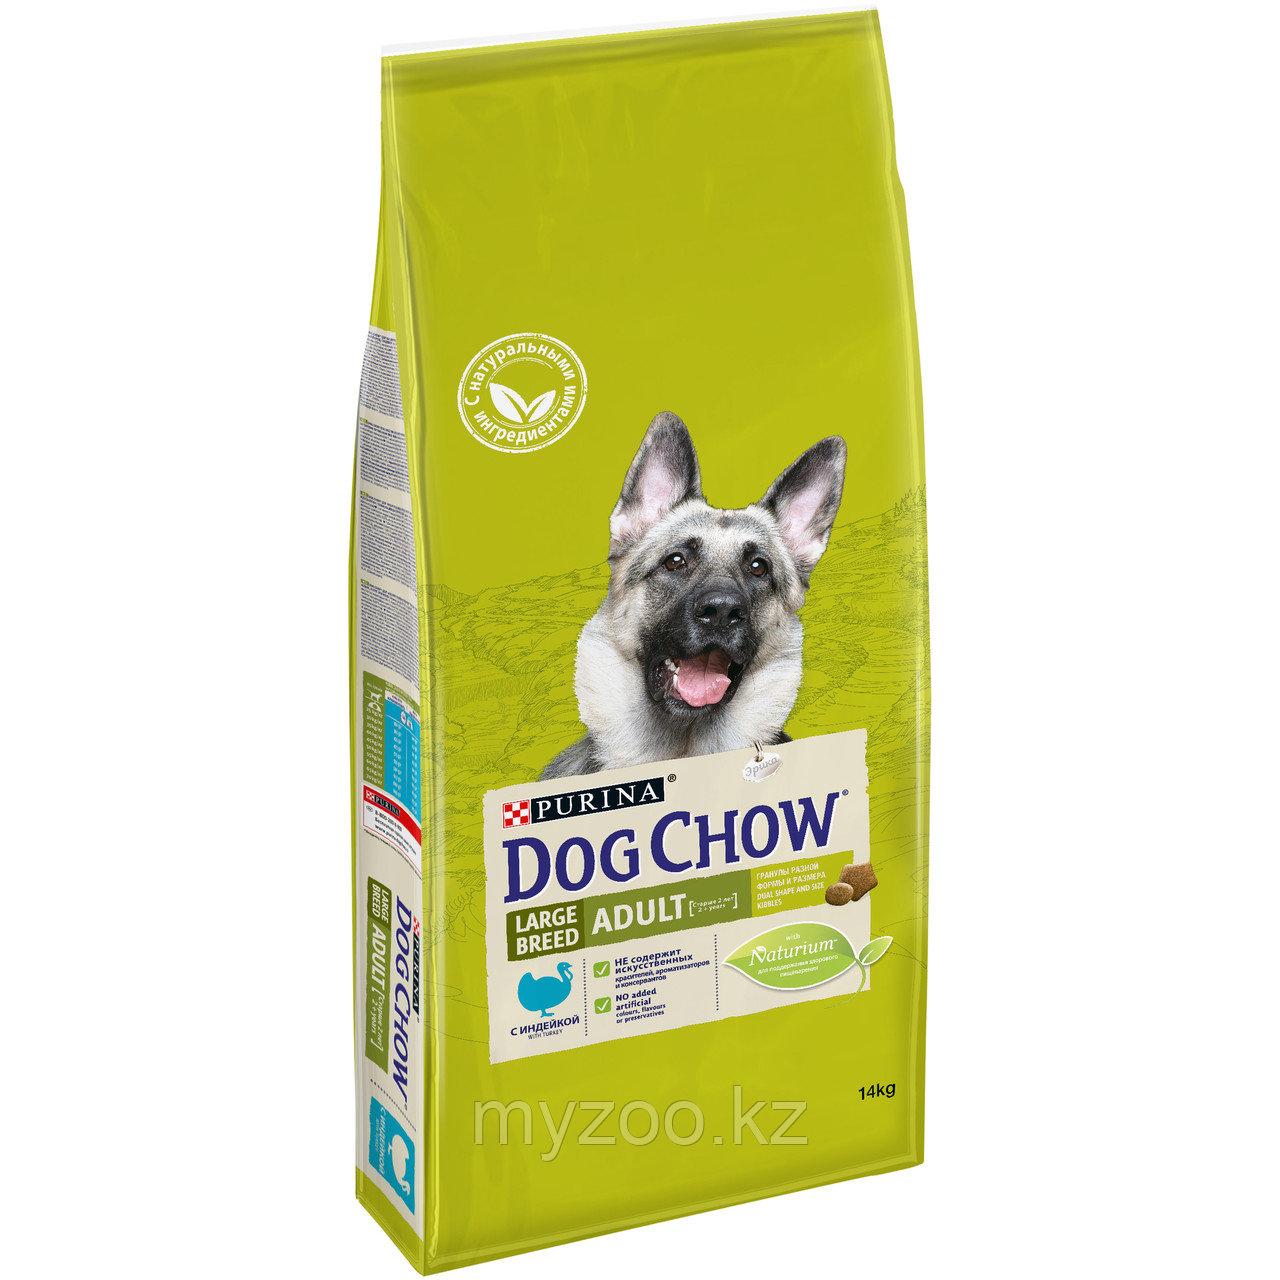 Dog Chow Adult Large, Дог Чау корм для взрослых собак крупных пород с индейкой, уп. 2.5кг.